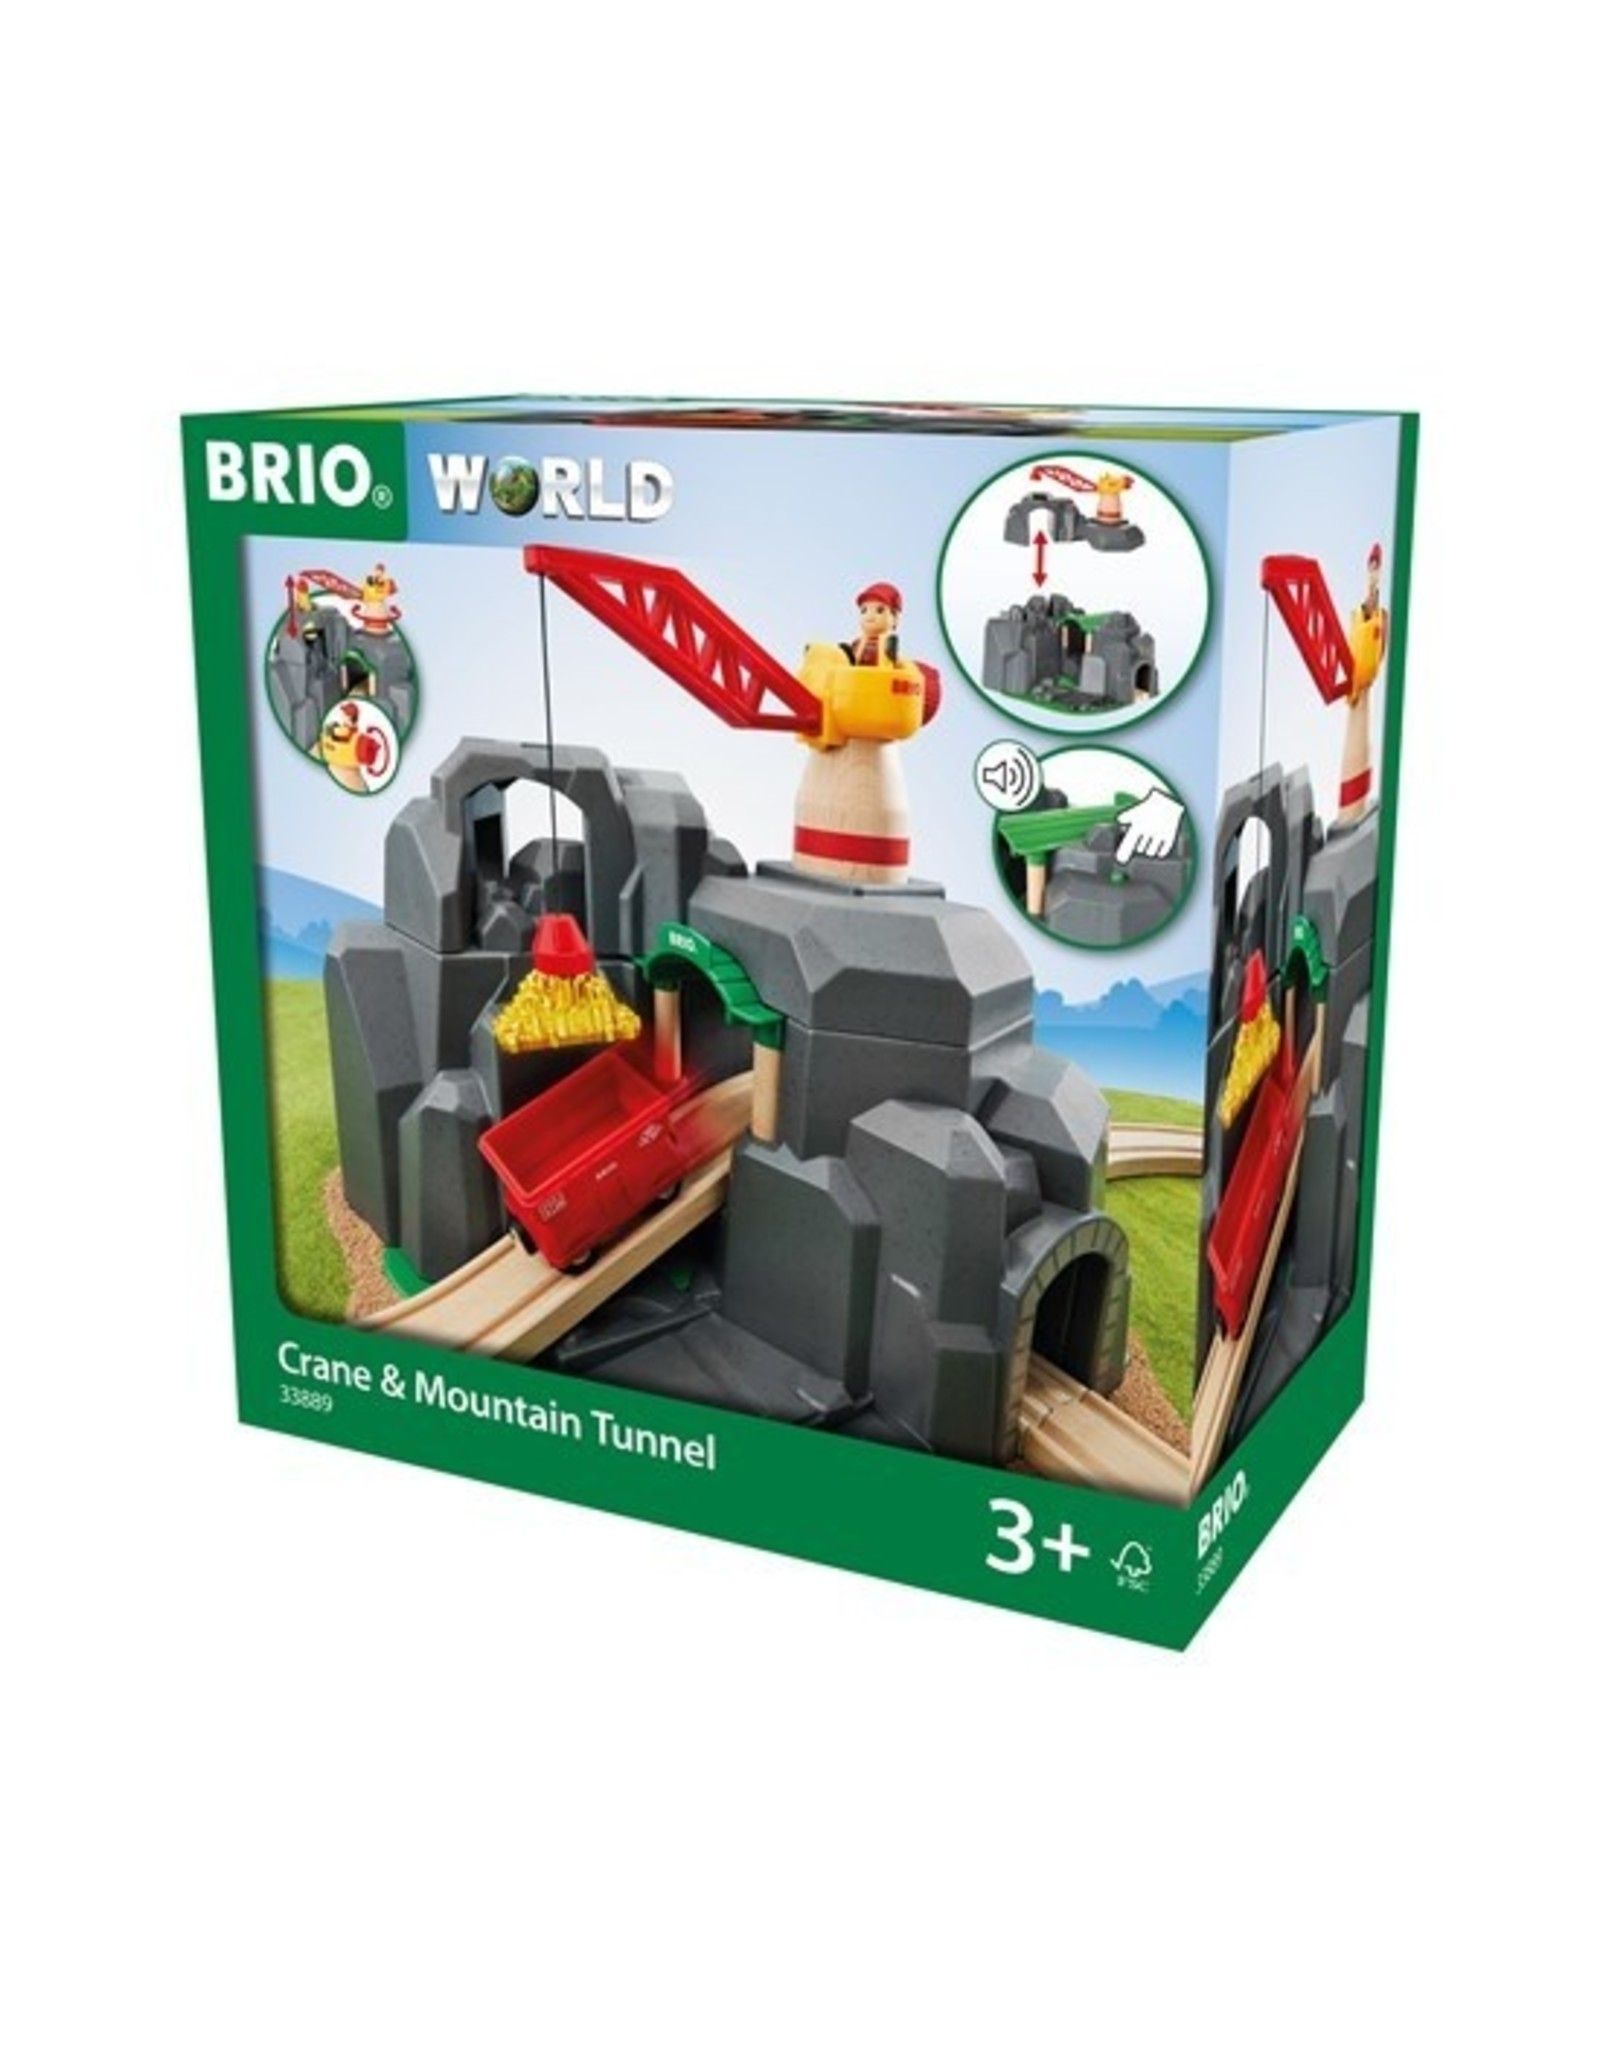 Brio BRIO Crane & Mountain Tunnel